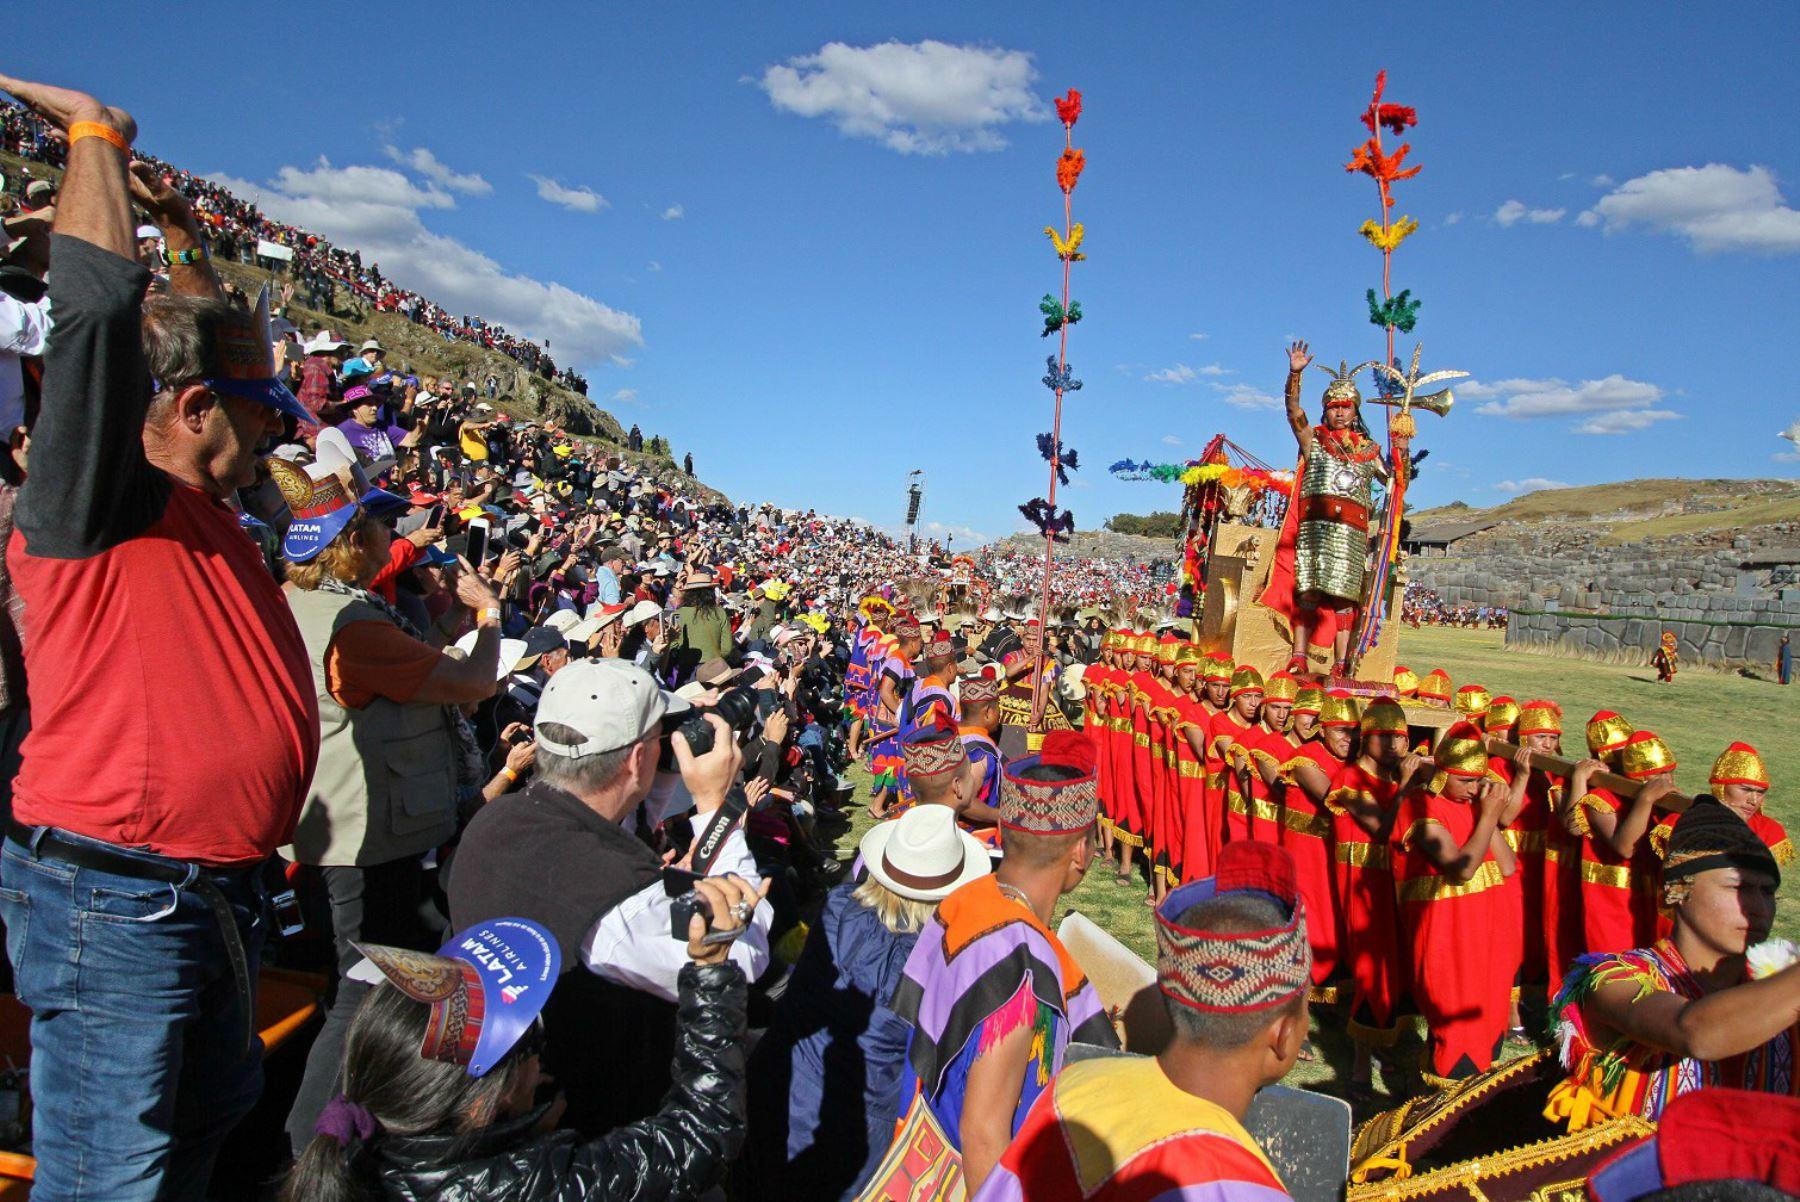 Turistas de EE. UU. y Japón son los más interesados en el Inti Raymi. Foto: ANDINA/Percy Hurtado Santillán.